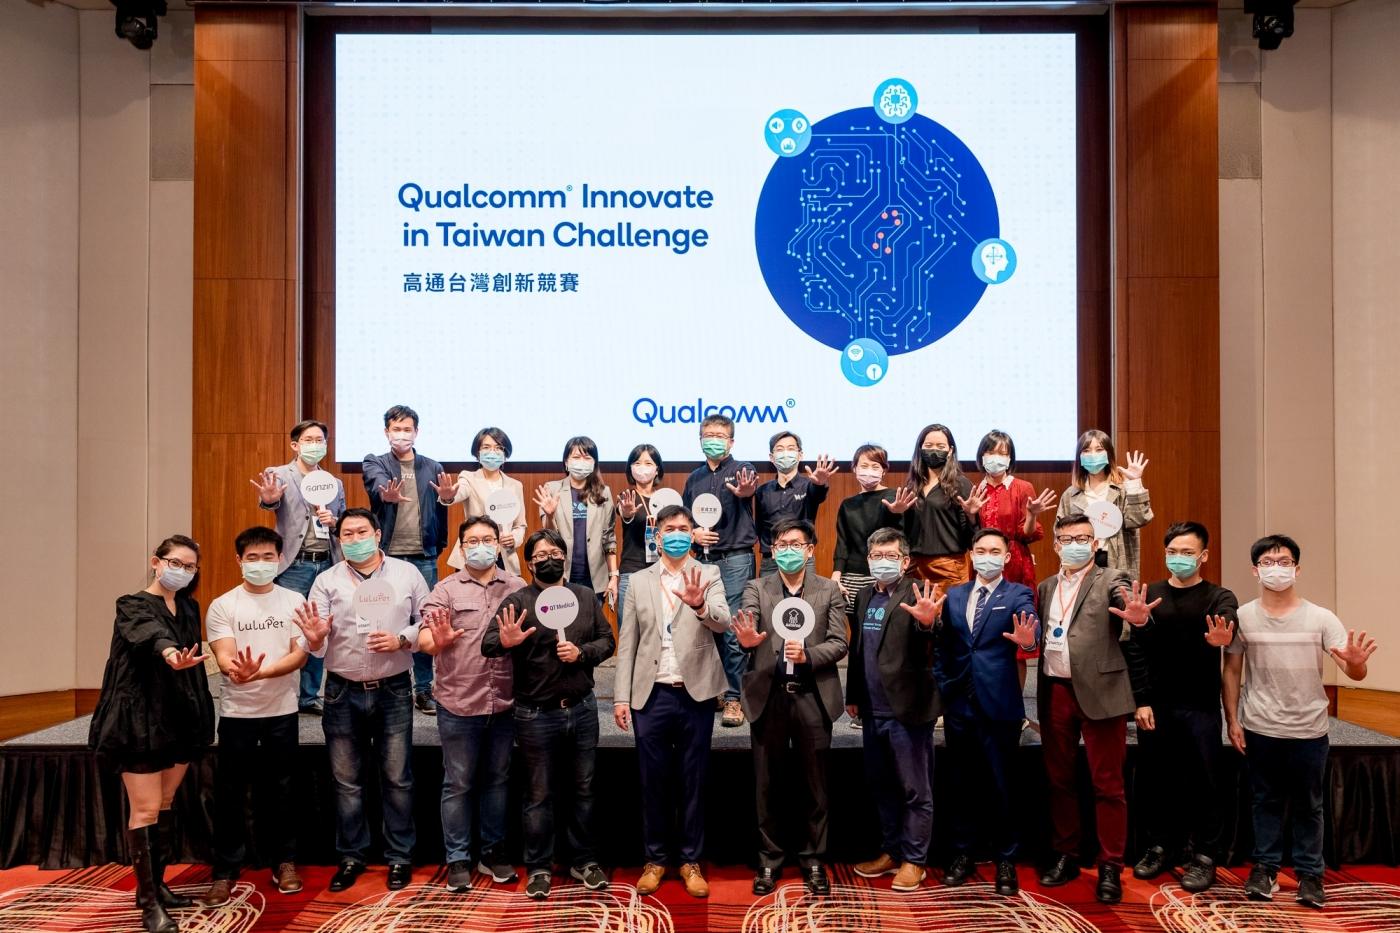 高通宣布第三屆「高通台灣創新競賽」起跑